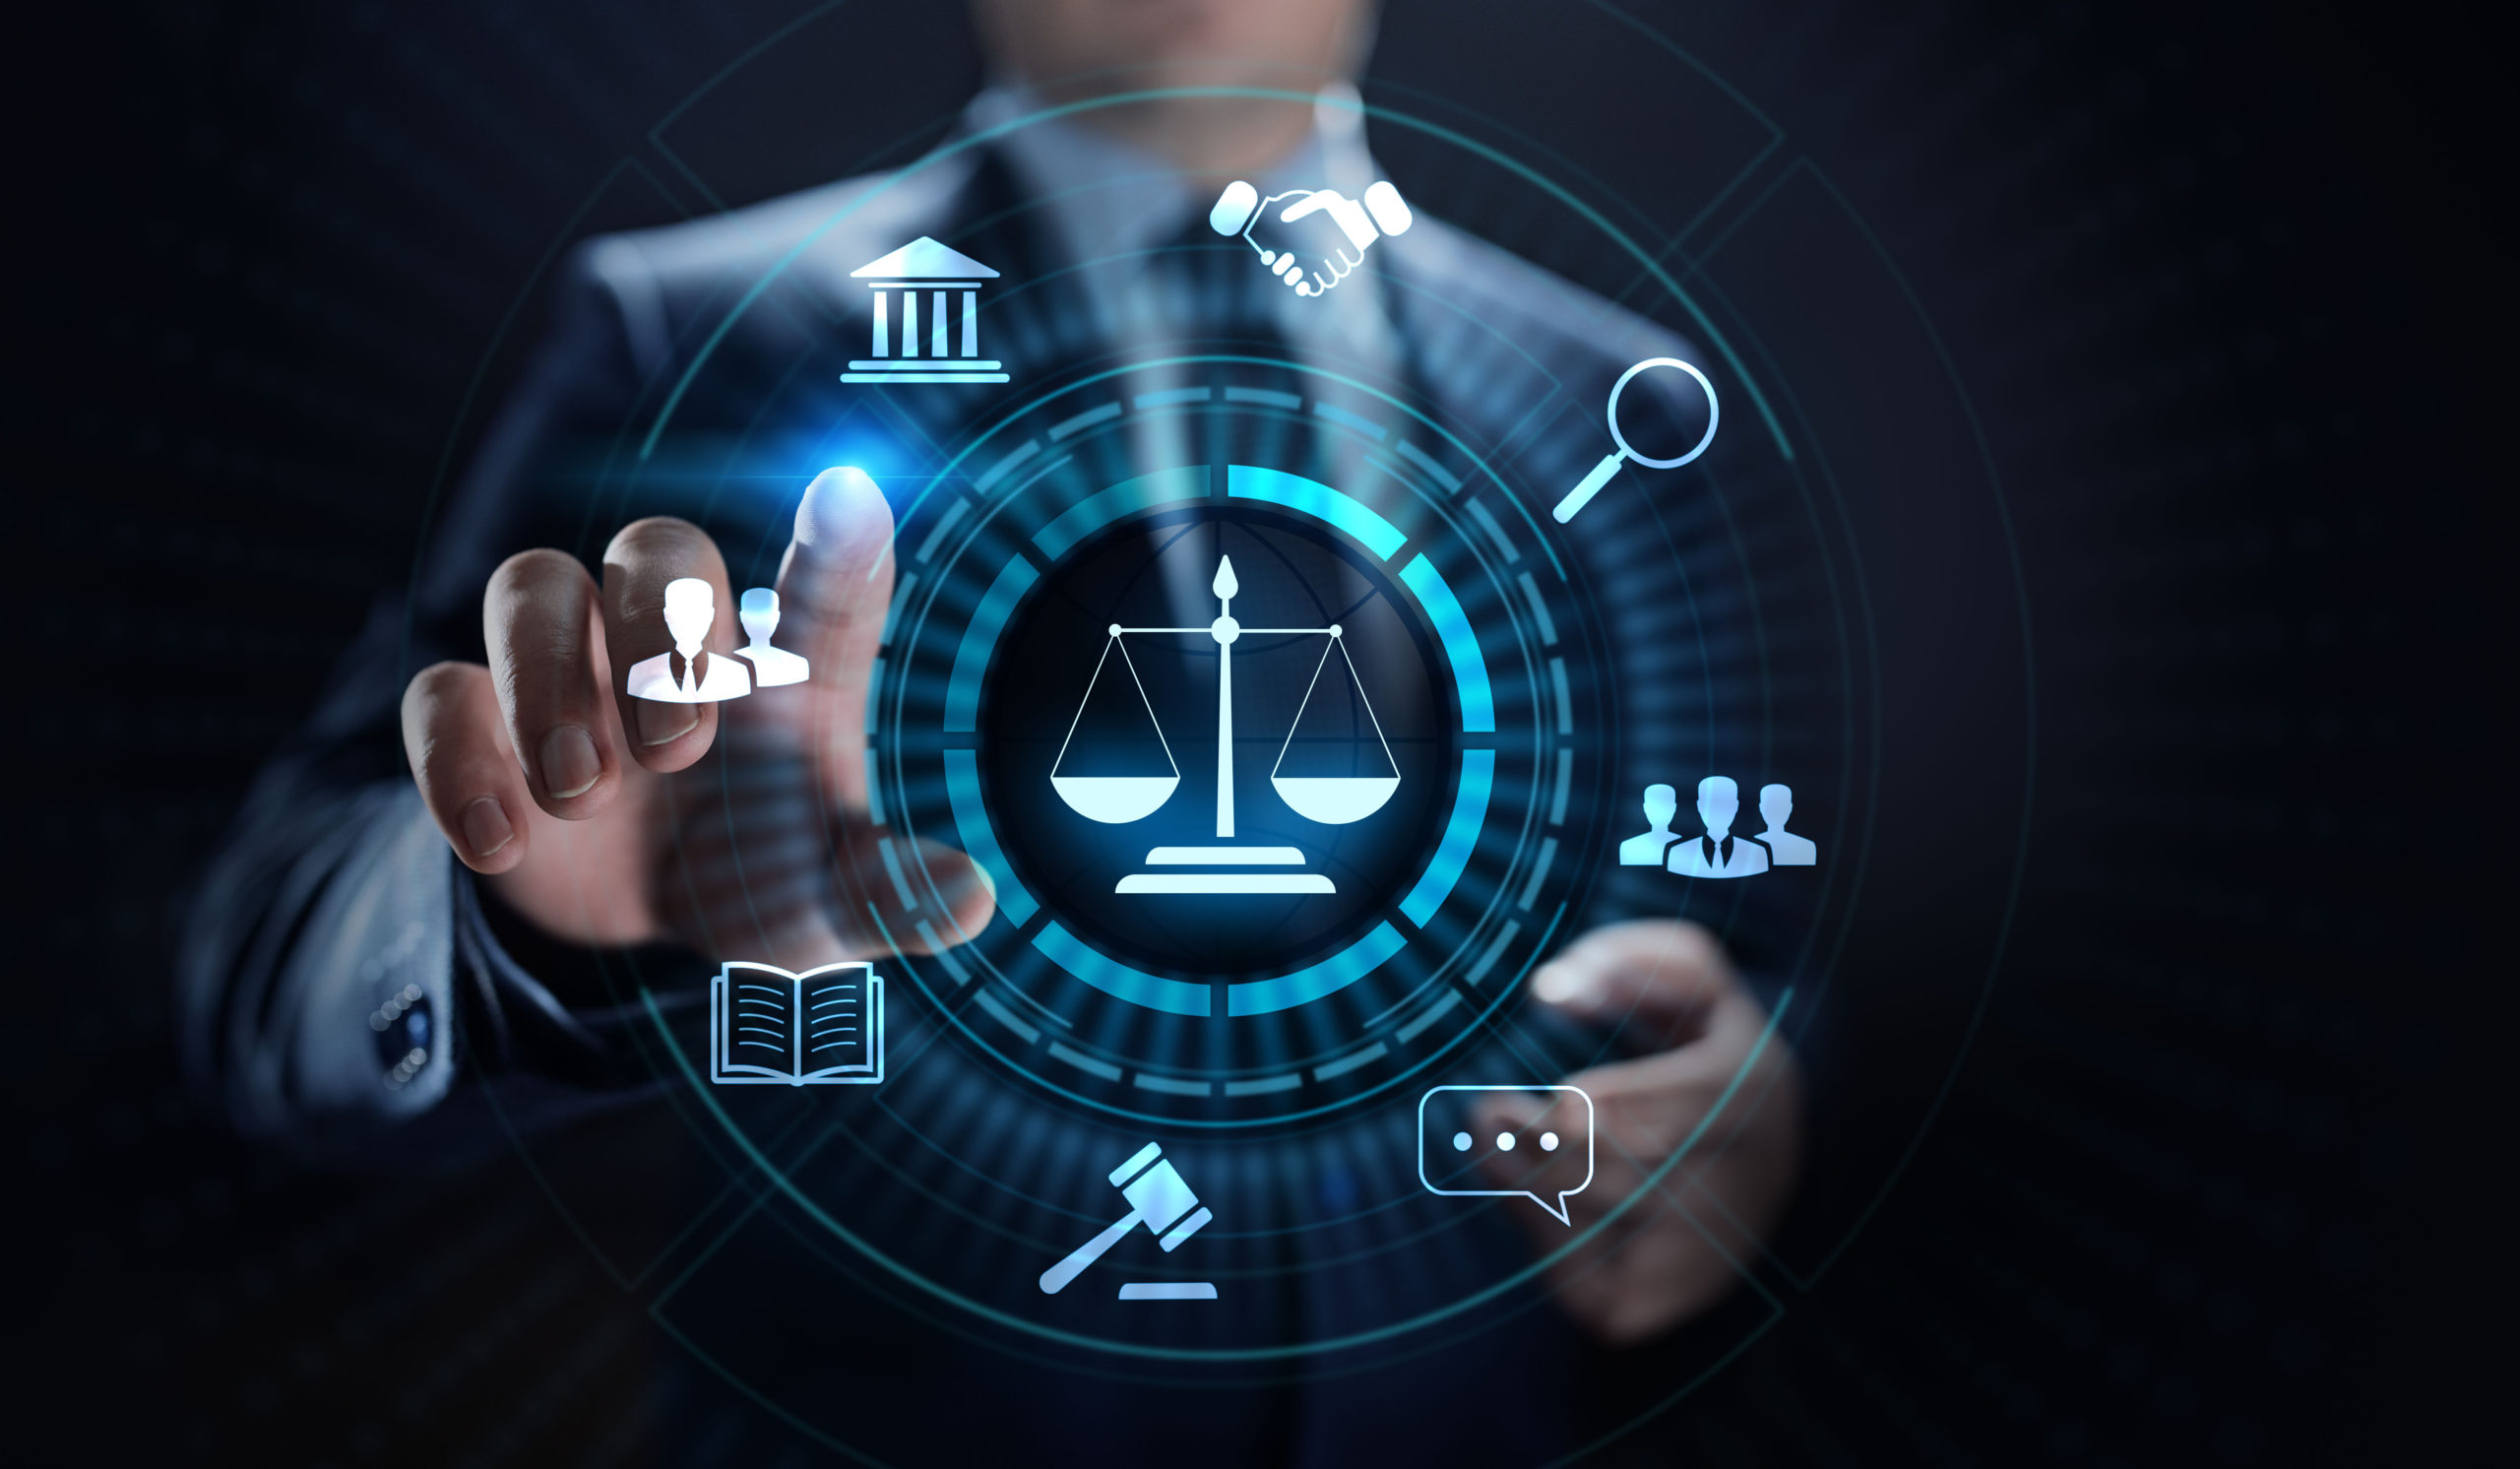 Arbeitsverhältnis: Die Rechte und Pflichten des Arbeitgebers